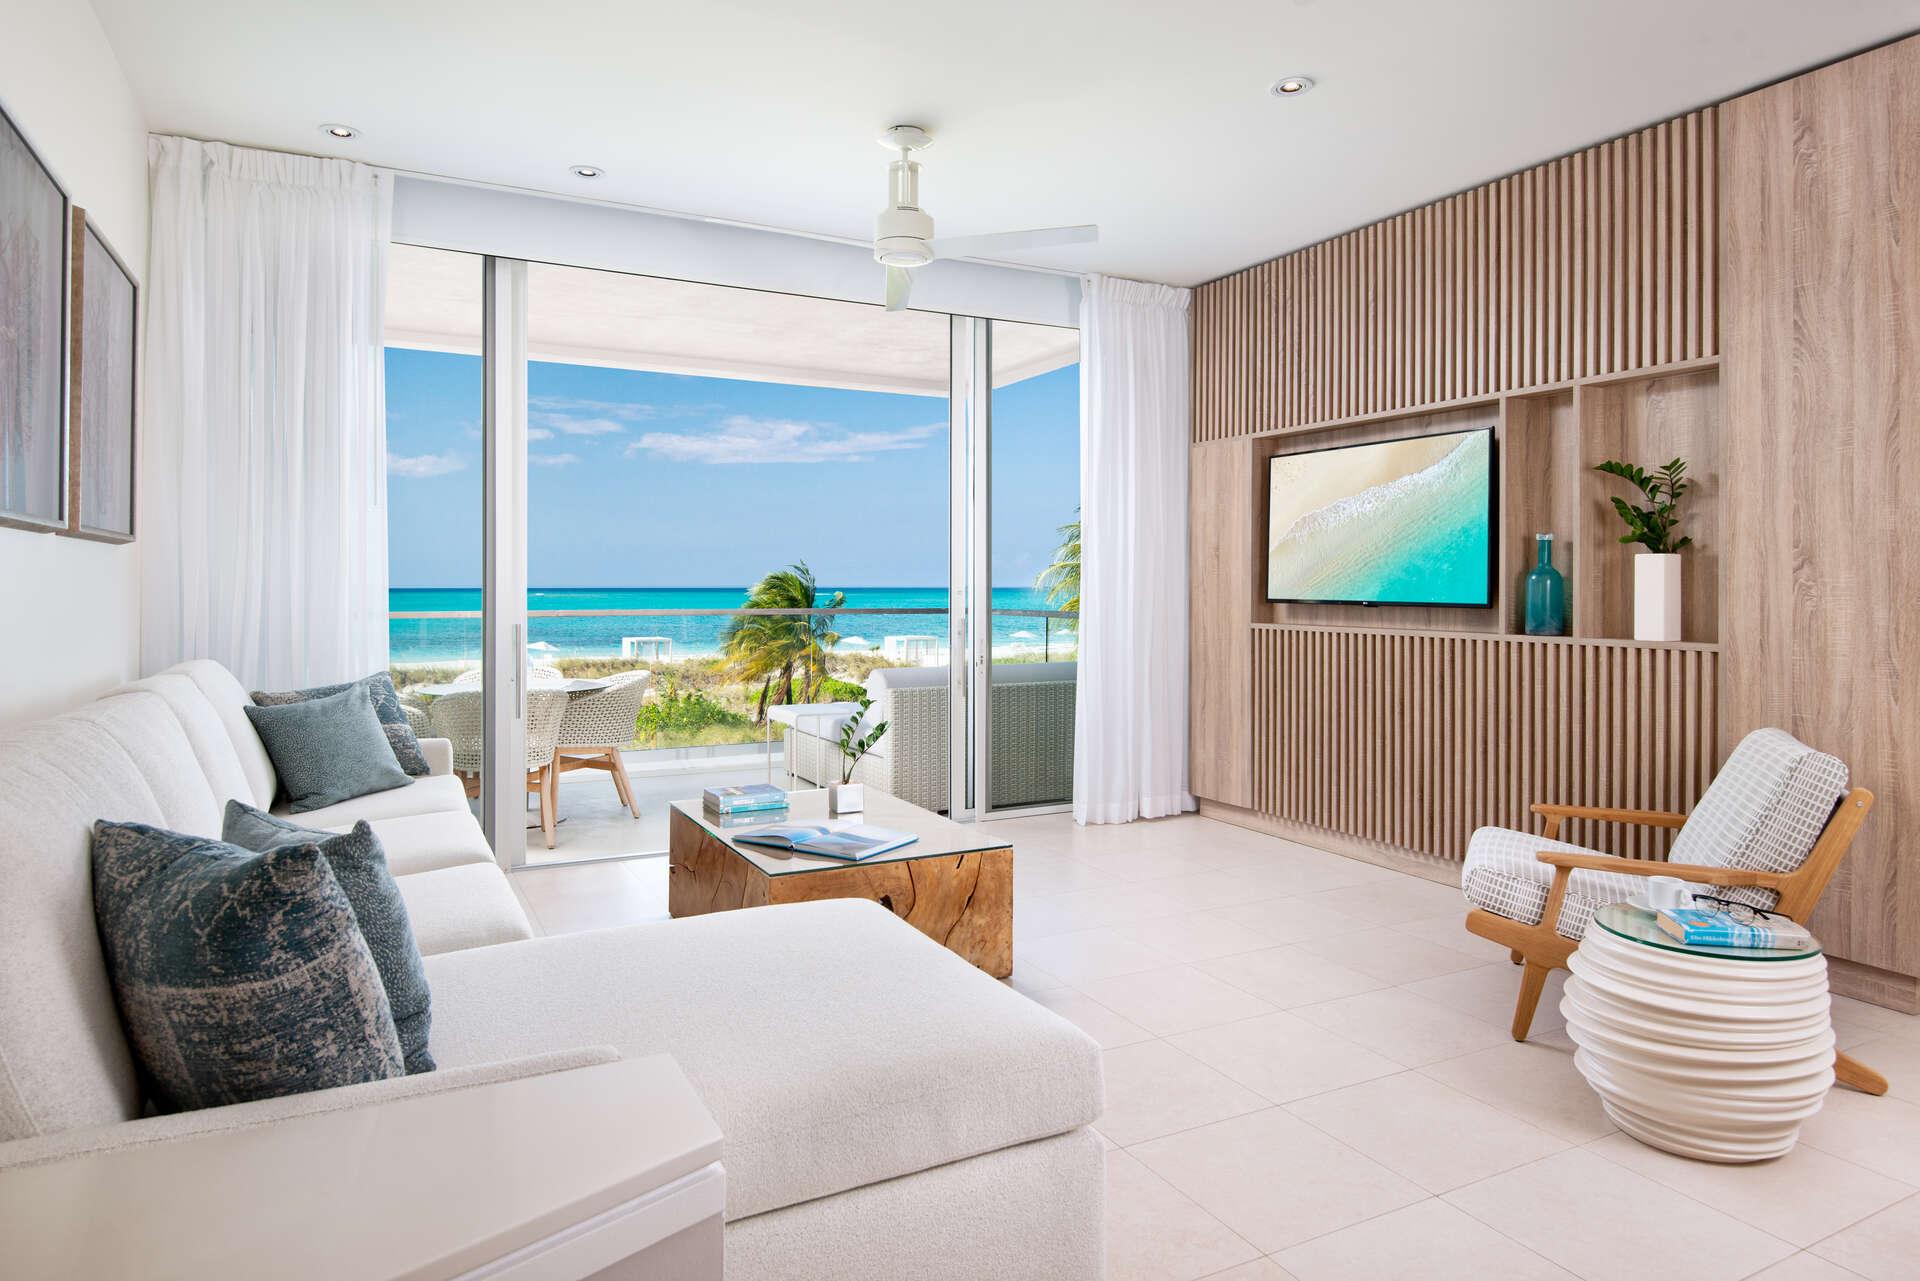 - Oceanfront One Bedroom Suite - Image 1/12